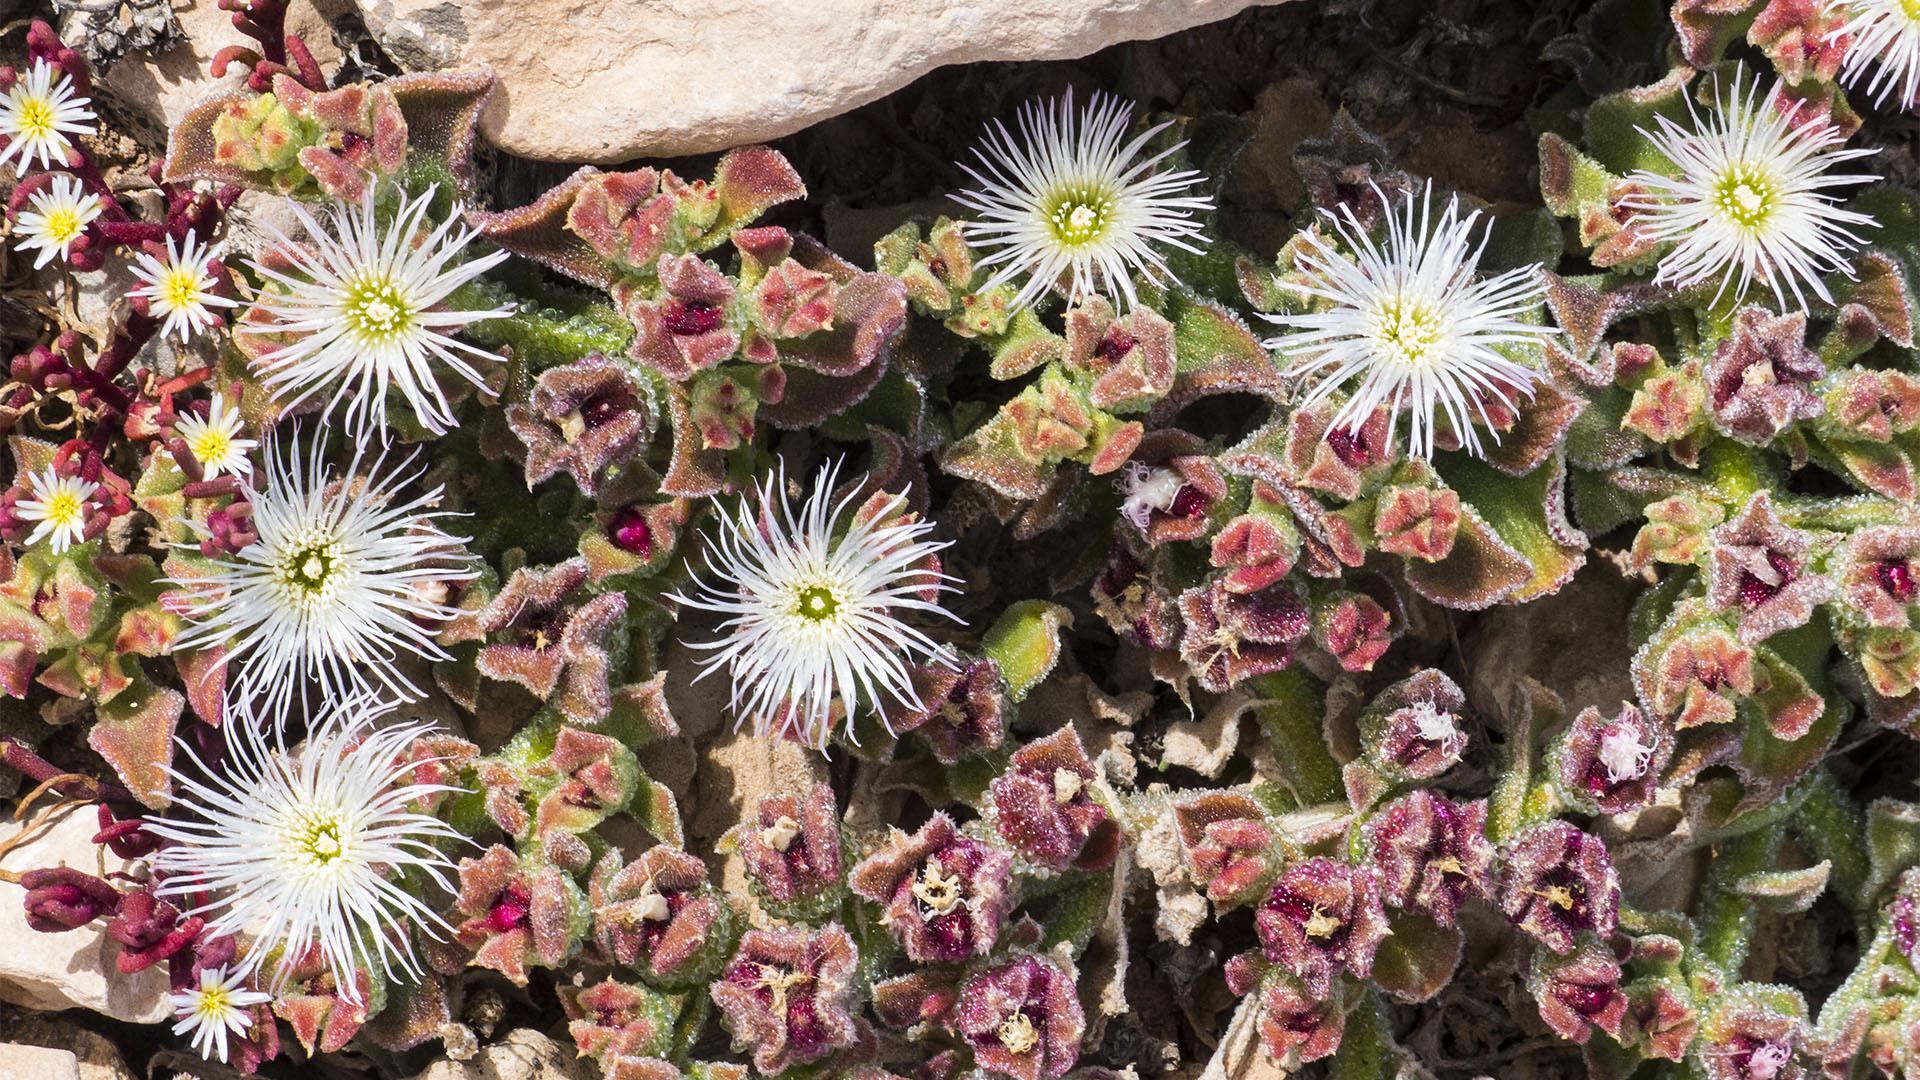 Basale Zone - Rotes Eiskraut – Mesembryanthemum crystallinum.